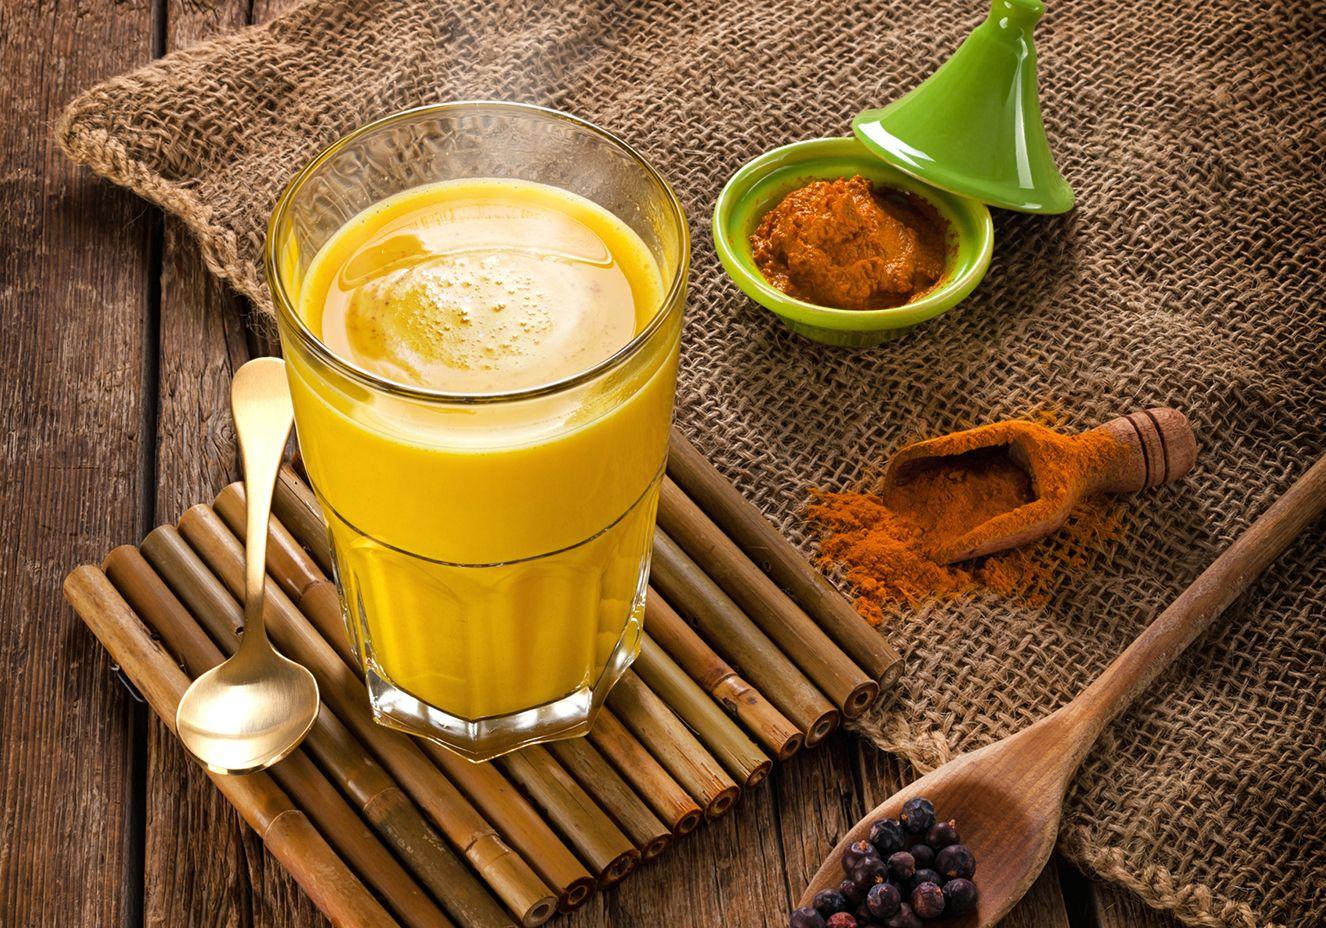 Leite Dourado A Bebida Indiana Que Ativa O Metabolismo E Ajuda A